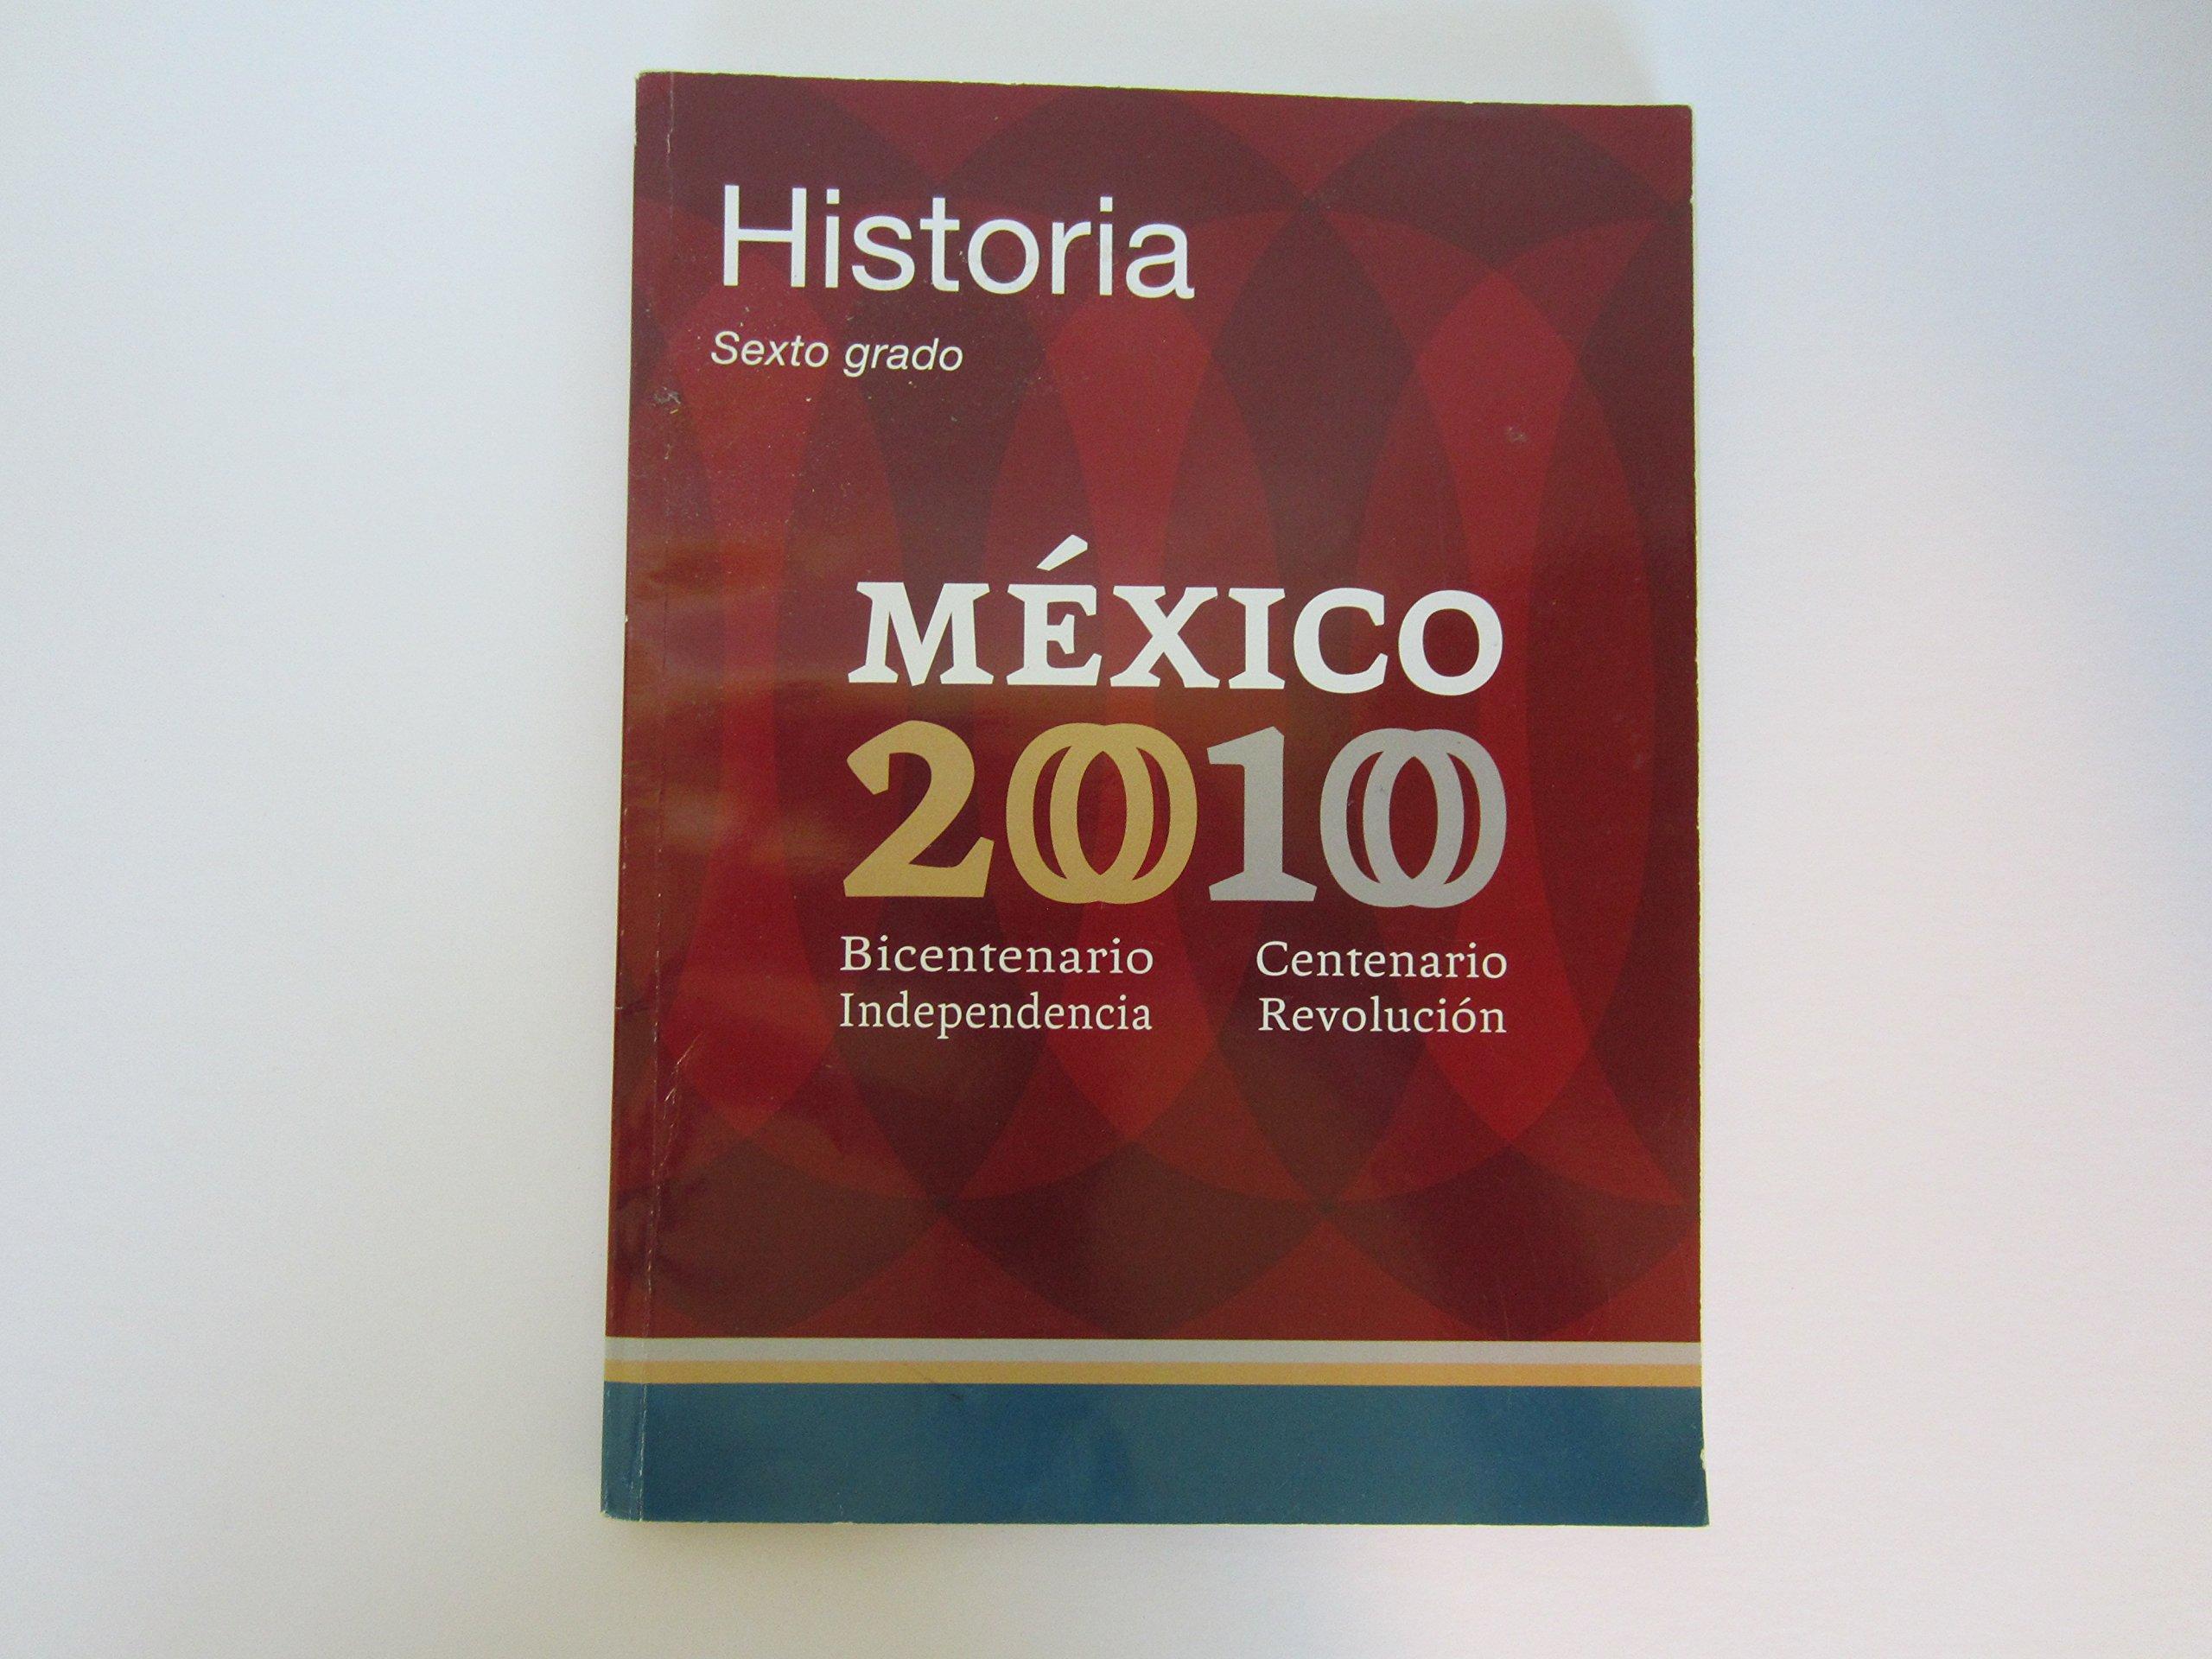 Historia Cuarto Grado: Mexico 2010 - Bicentenario ...